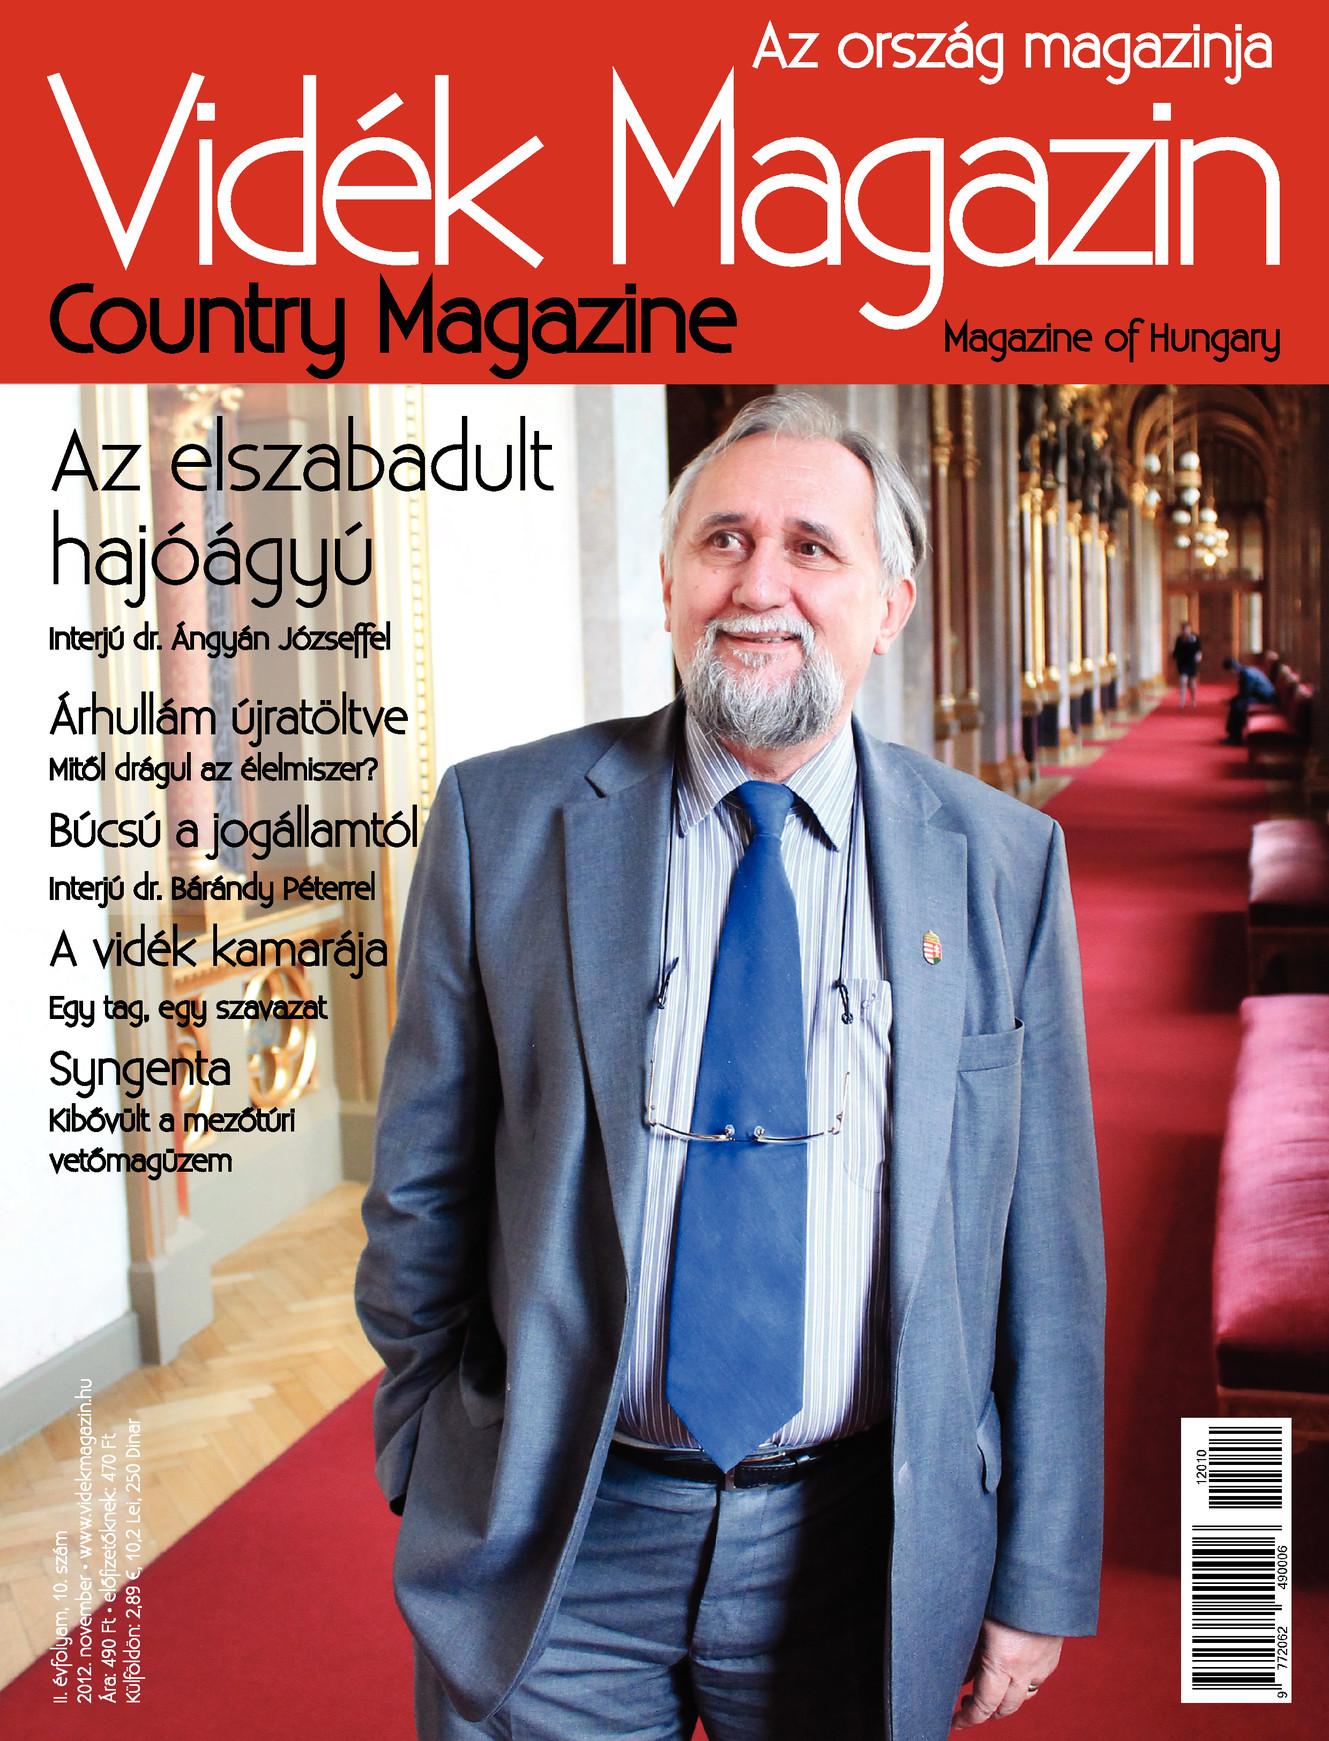 angyan_videk_magazin.jpg